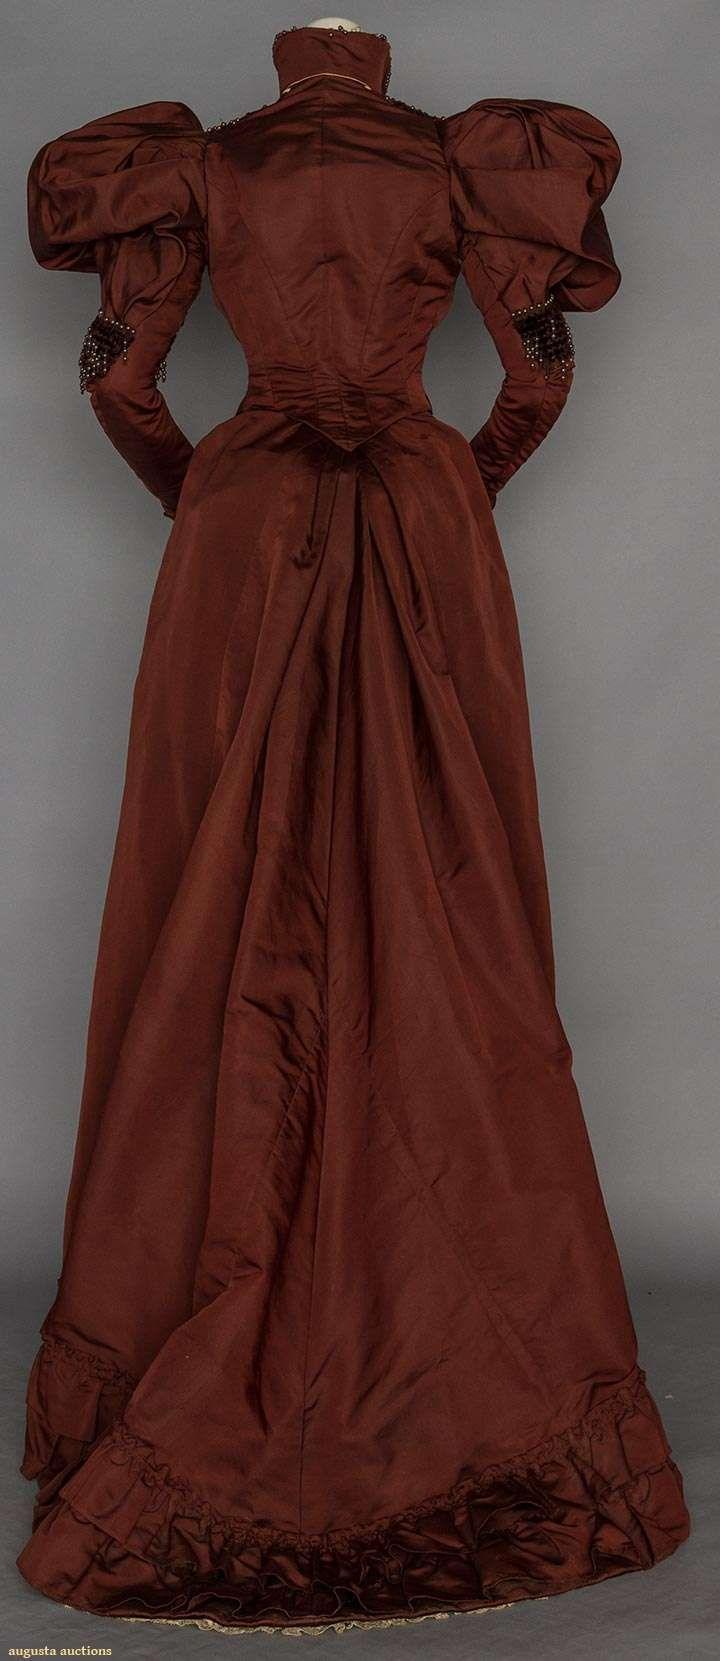 Dinner dress, chestnut satin, gigot sleeves & trim bands of brown velvet with grey pearl fringe, 1898